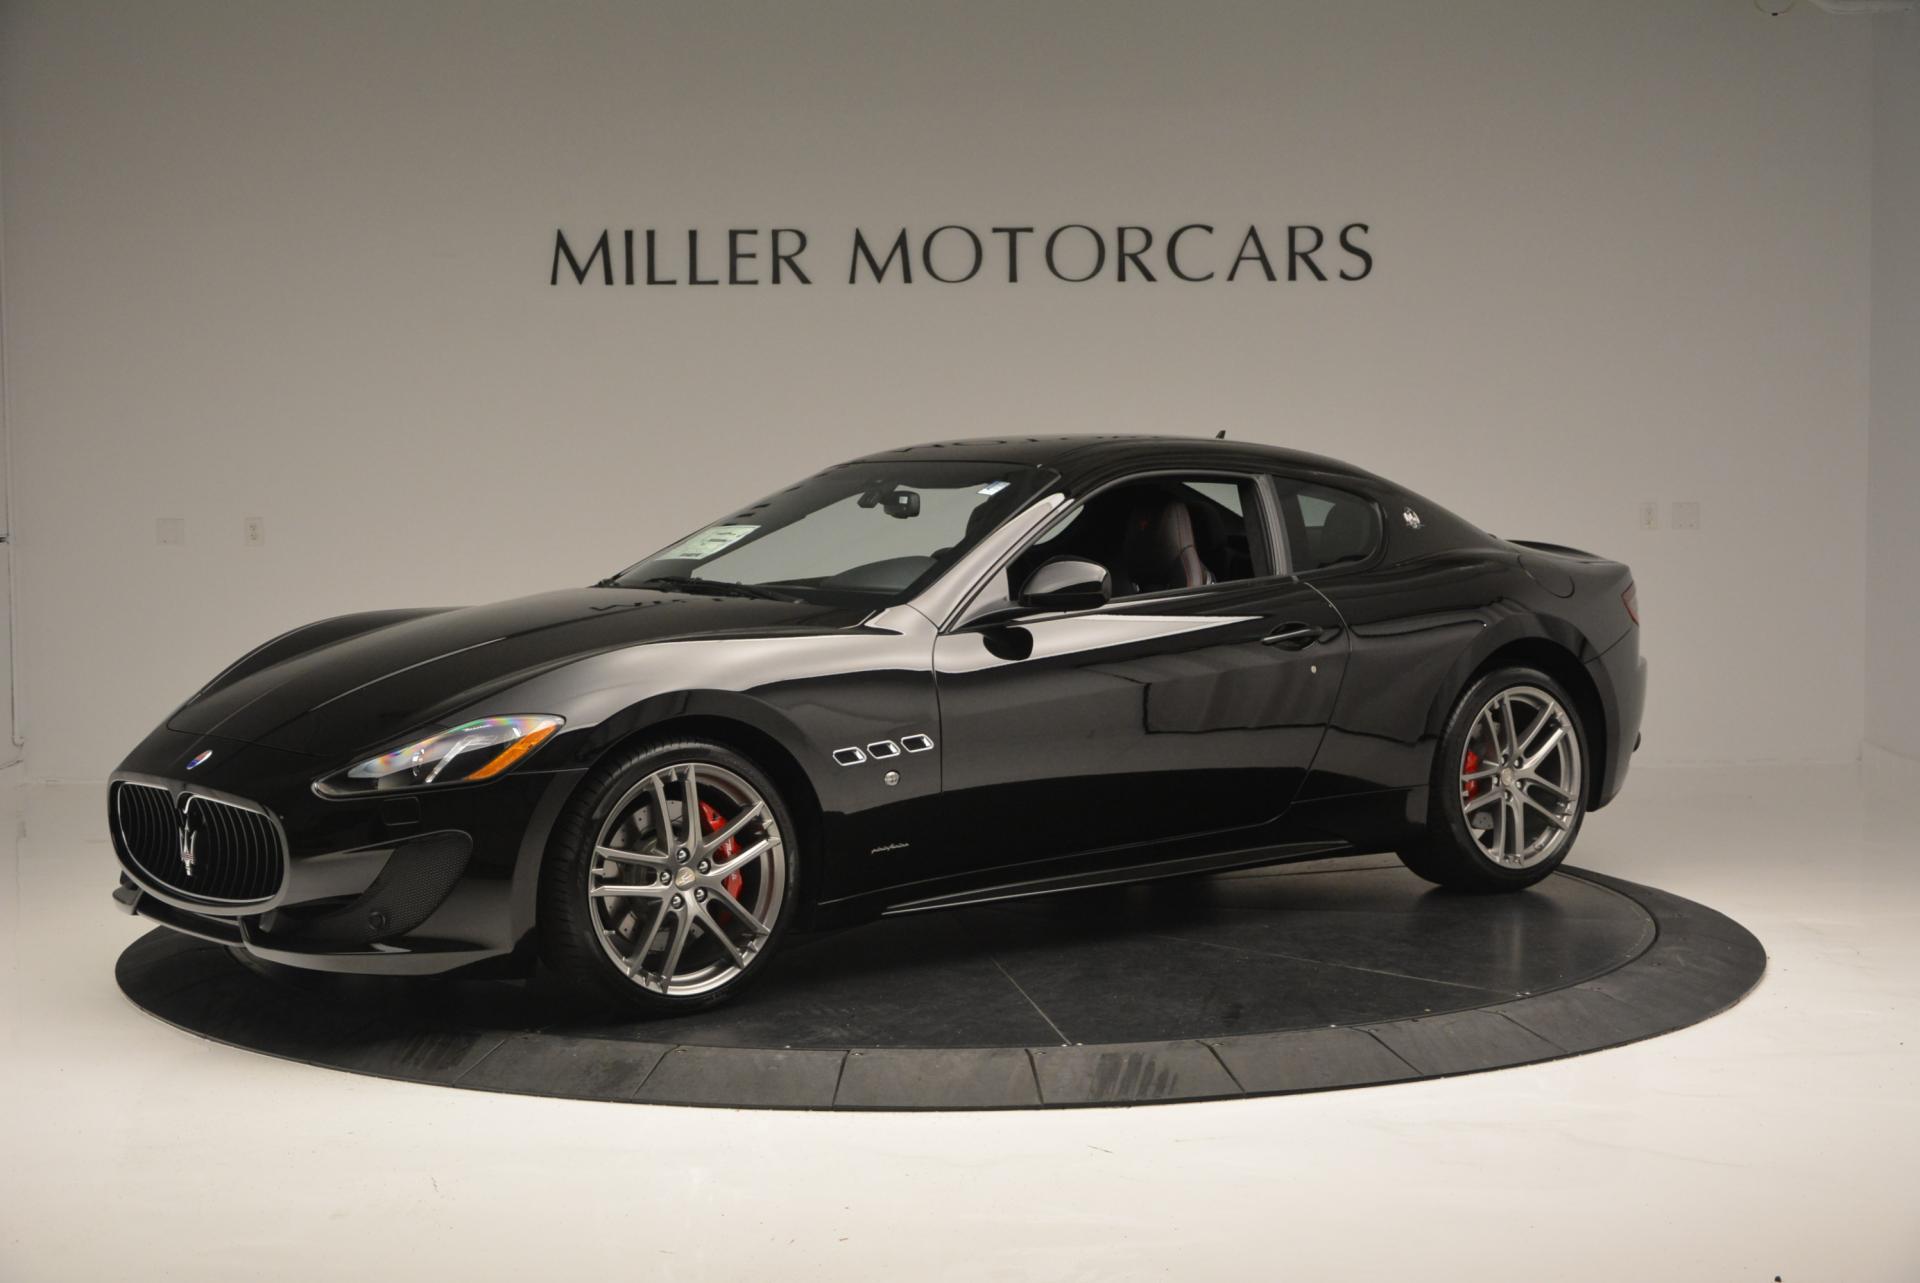 New 2016 Maserati GranTurismo Sport for sale Sold at Aston Martin of Greenwich in Greenwich CT 06830 1